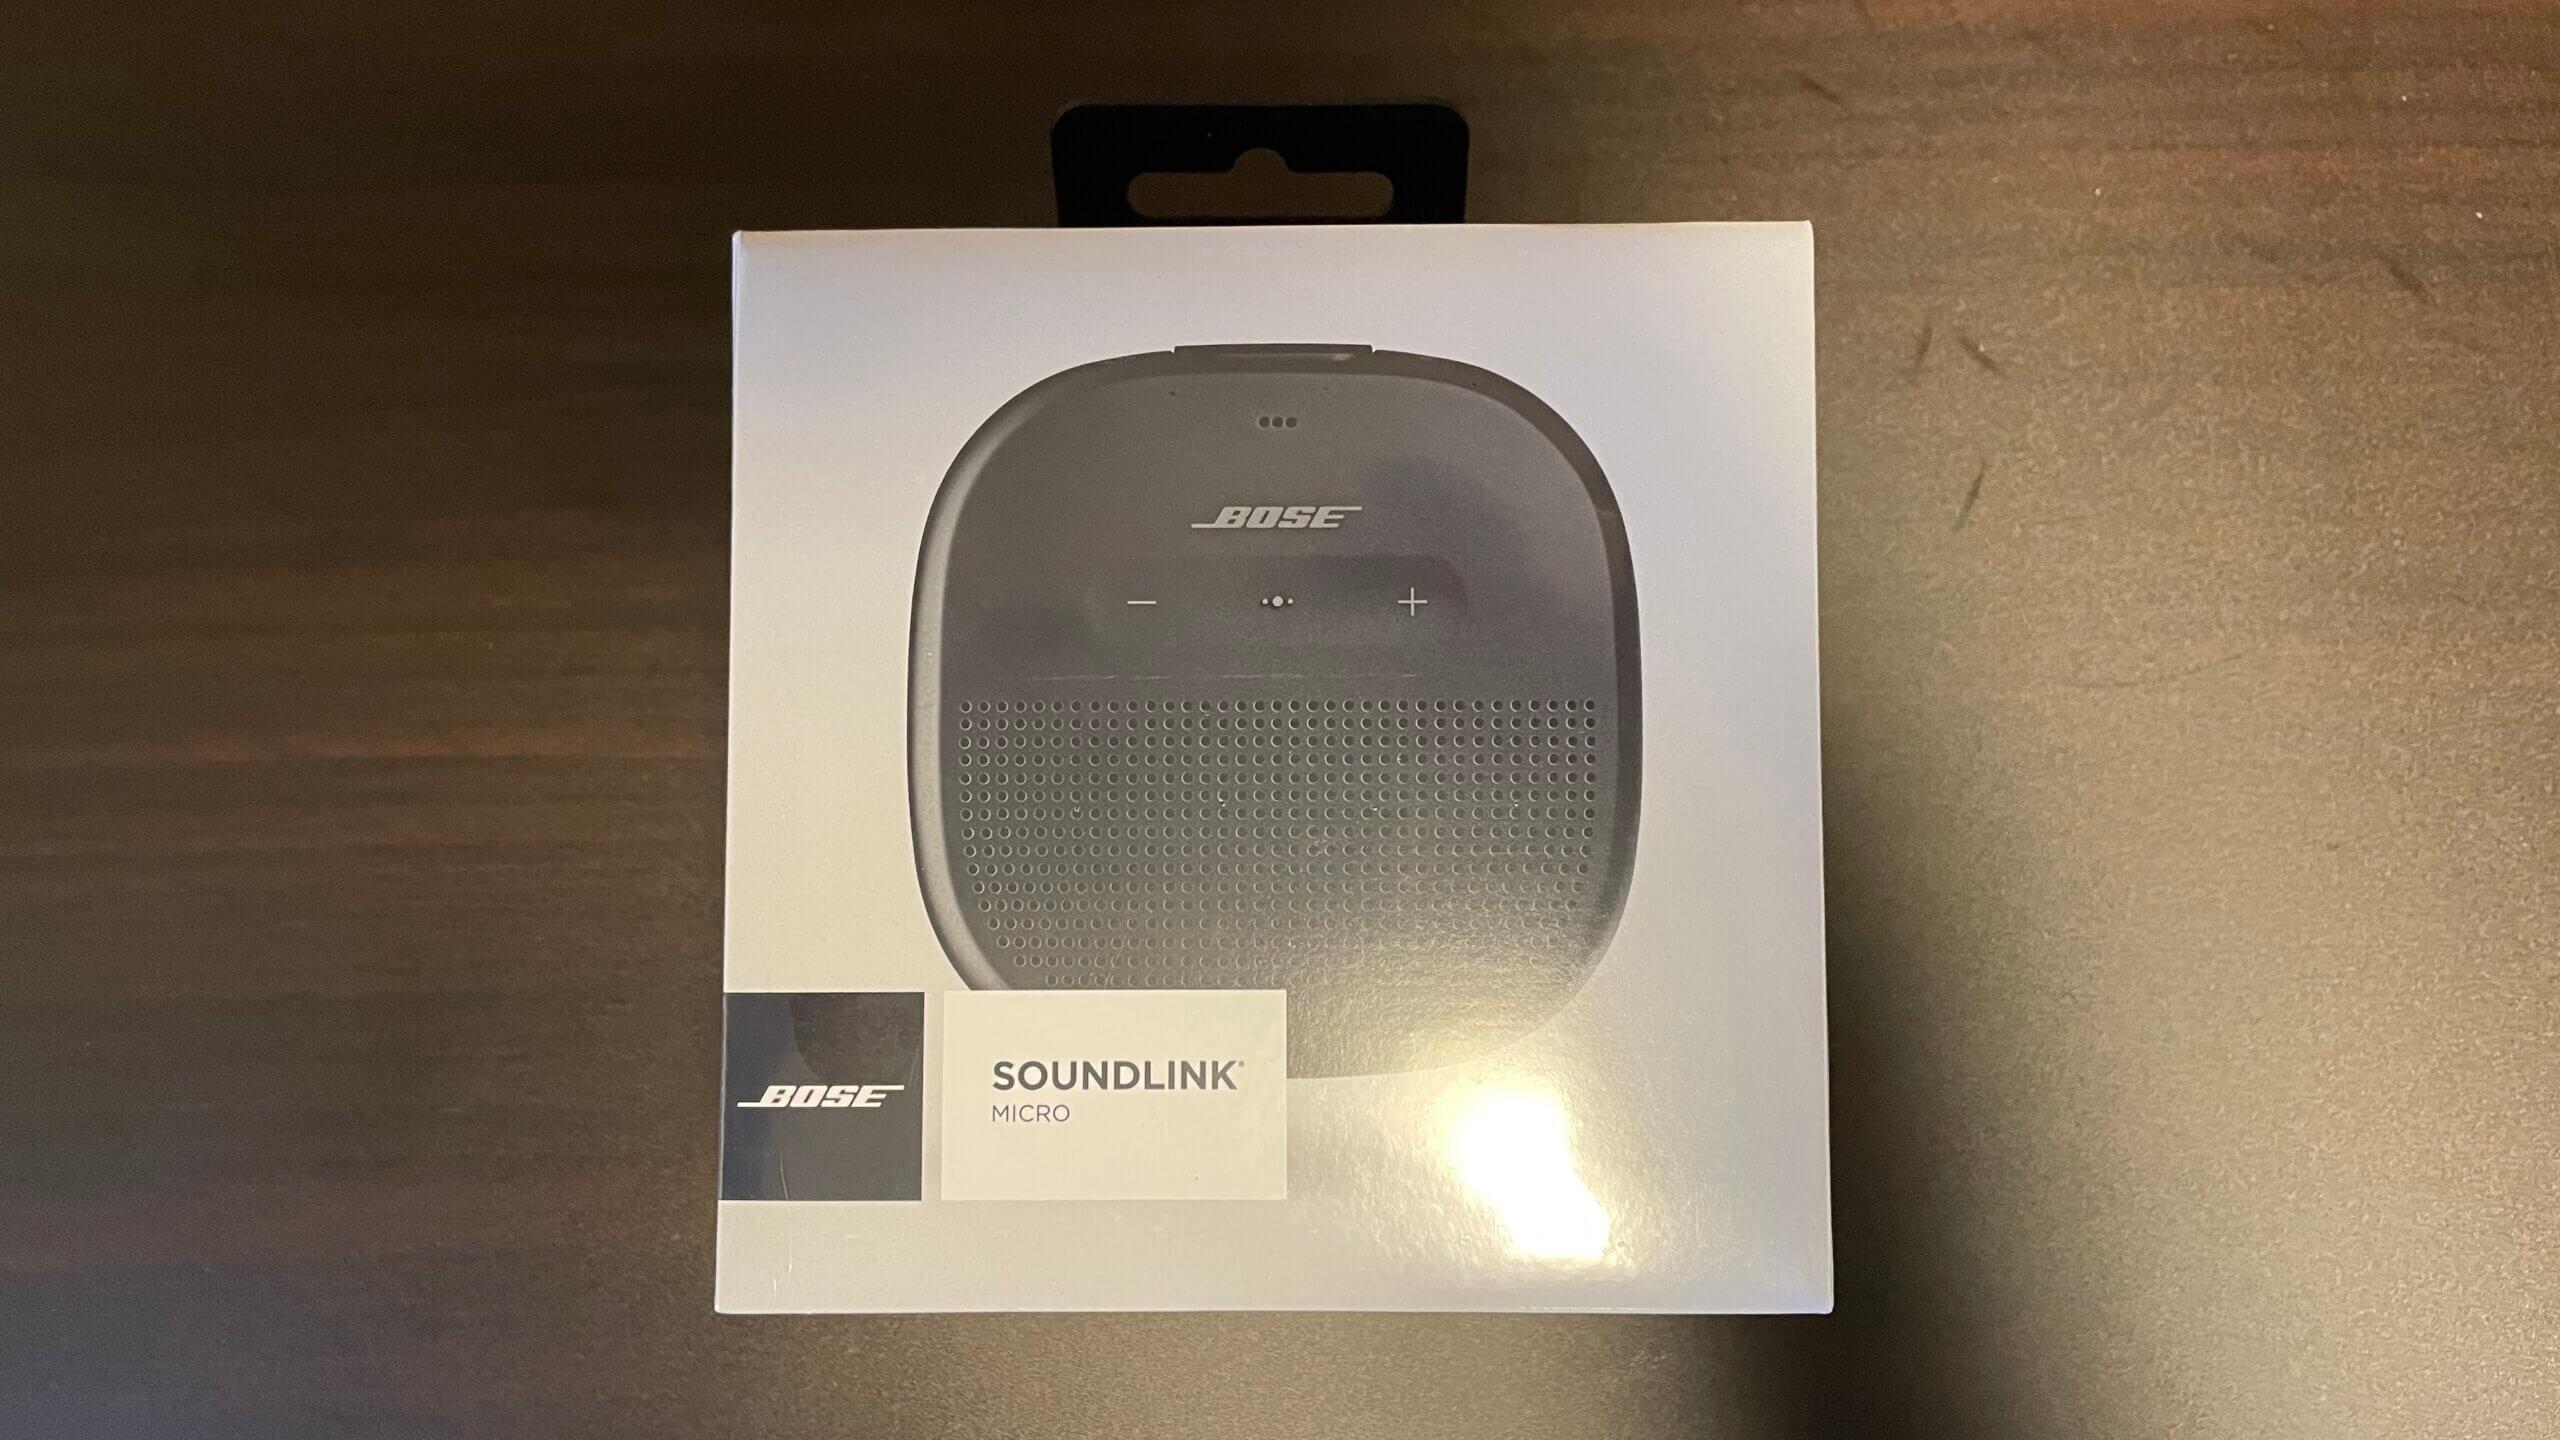 『BOSE SoundLink Micro』をレビューします! アウトドア・レジャー・スポーツにもお風呂にも最適!